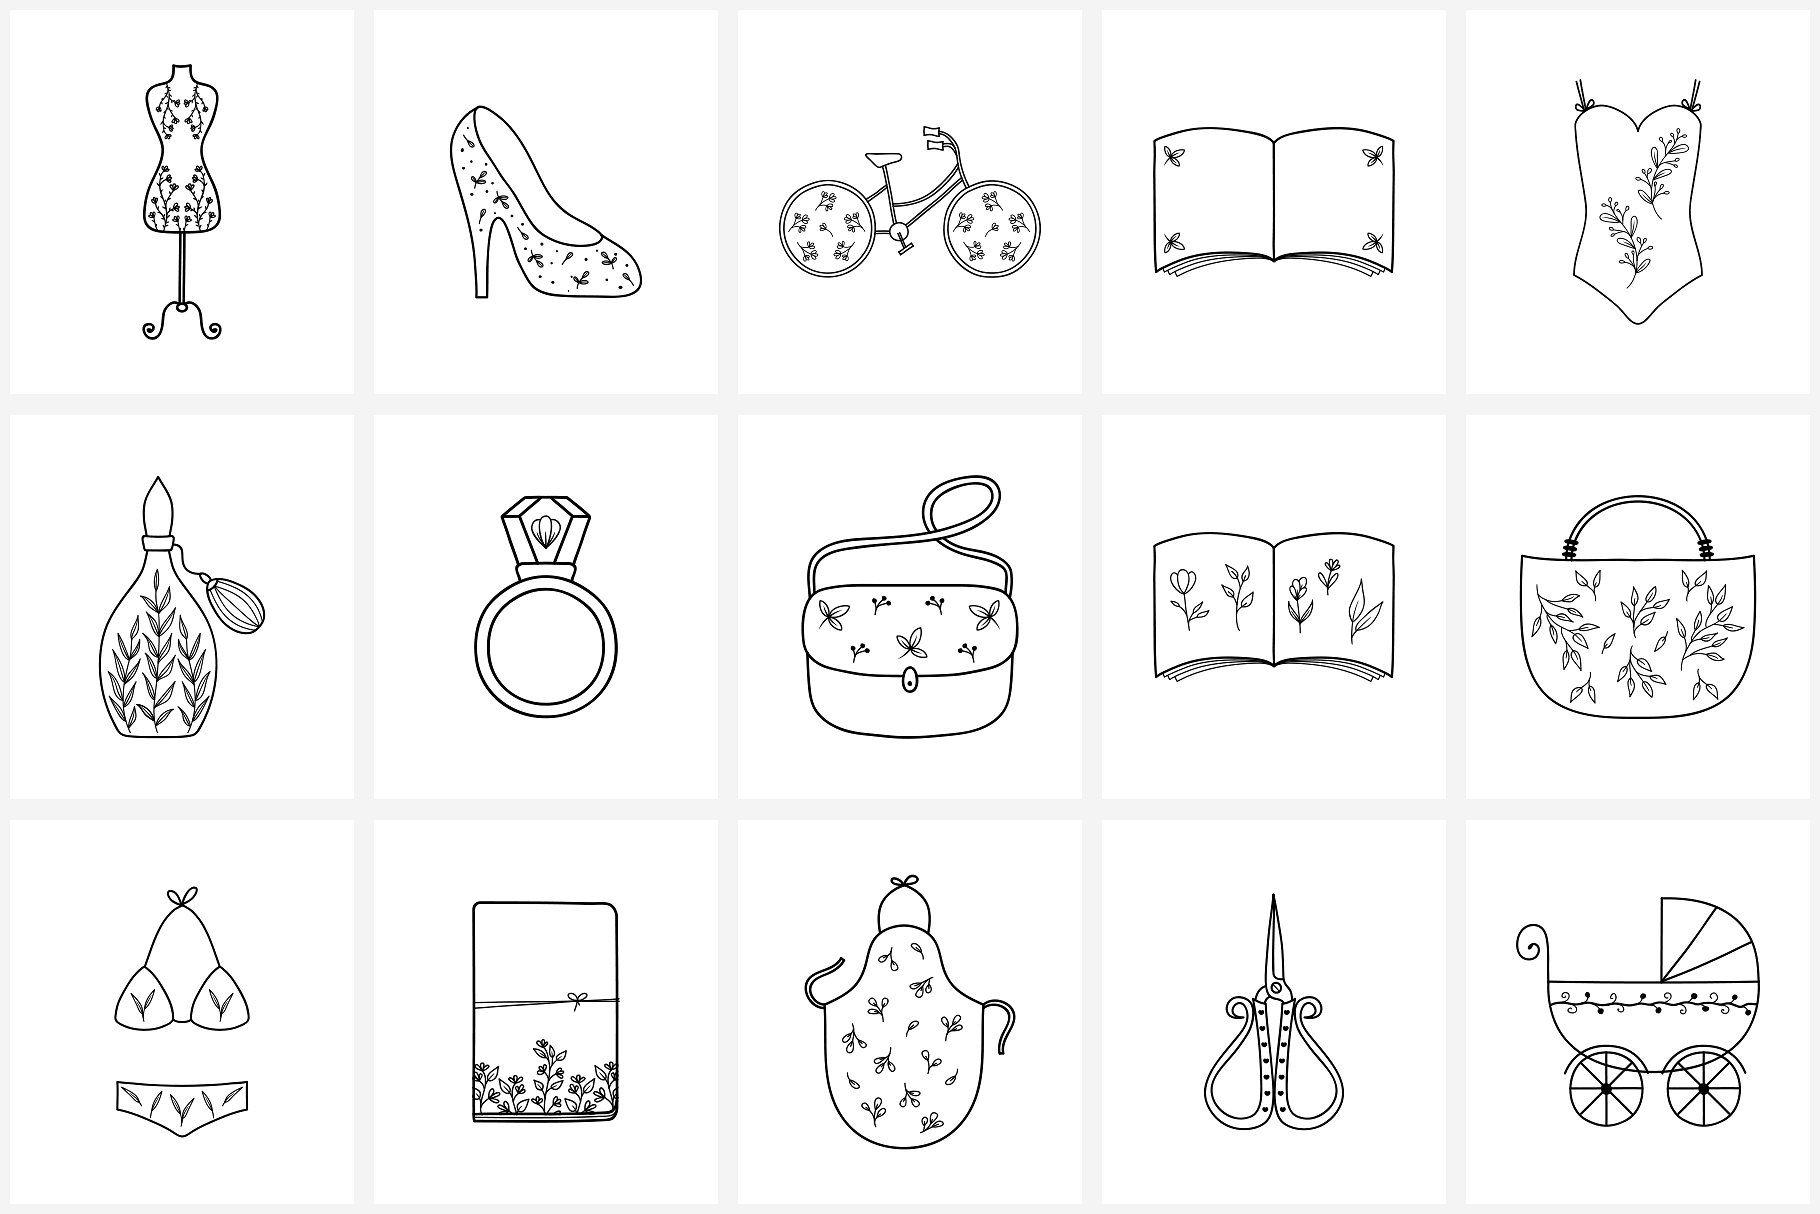 100 Hand Drawn Logo Elements (met afbeeldingen)